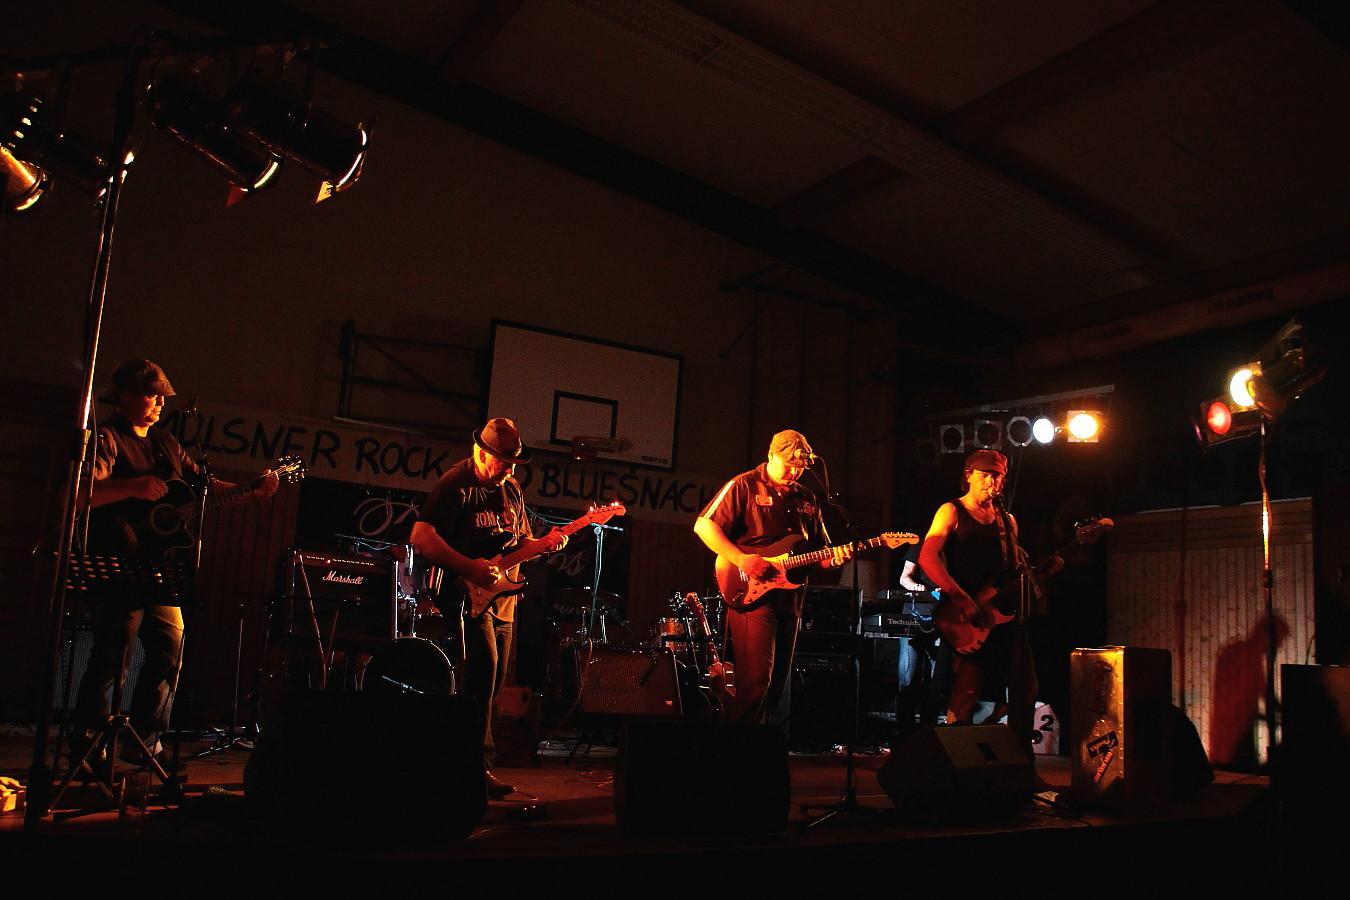 7. Mülsner Rock & Bluesnacht (8)